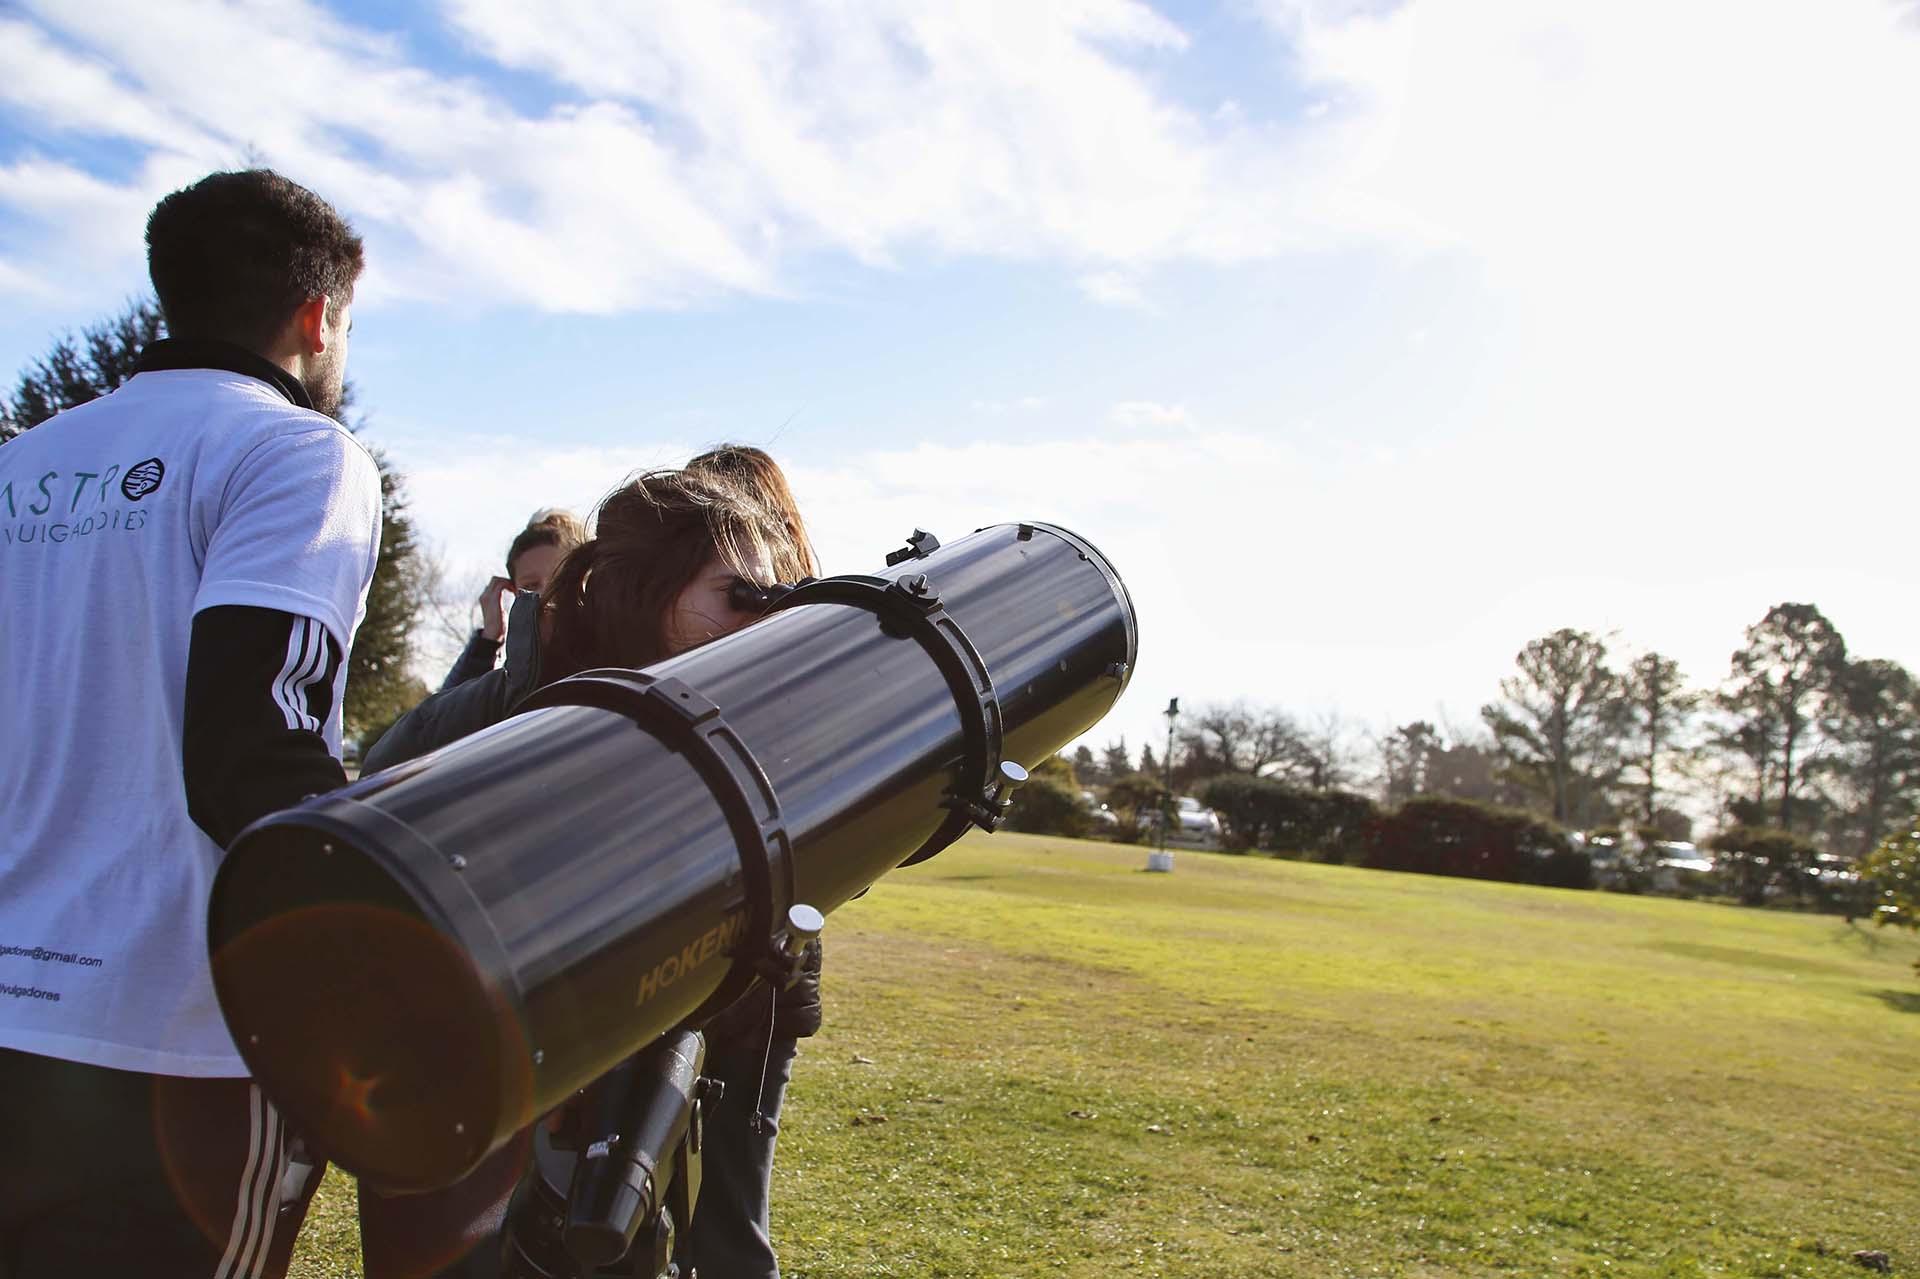 En Santa Rosa, La Pampa, Argentina, el grupo Astro Divulgadores, con el apoyo del gobierno provincial, organizó en el predio de La Campiña charlas informativas y colocó varios telescopios y una pantalla gigante para poder ver el eclipse (Télam)